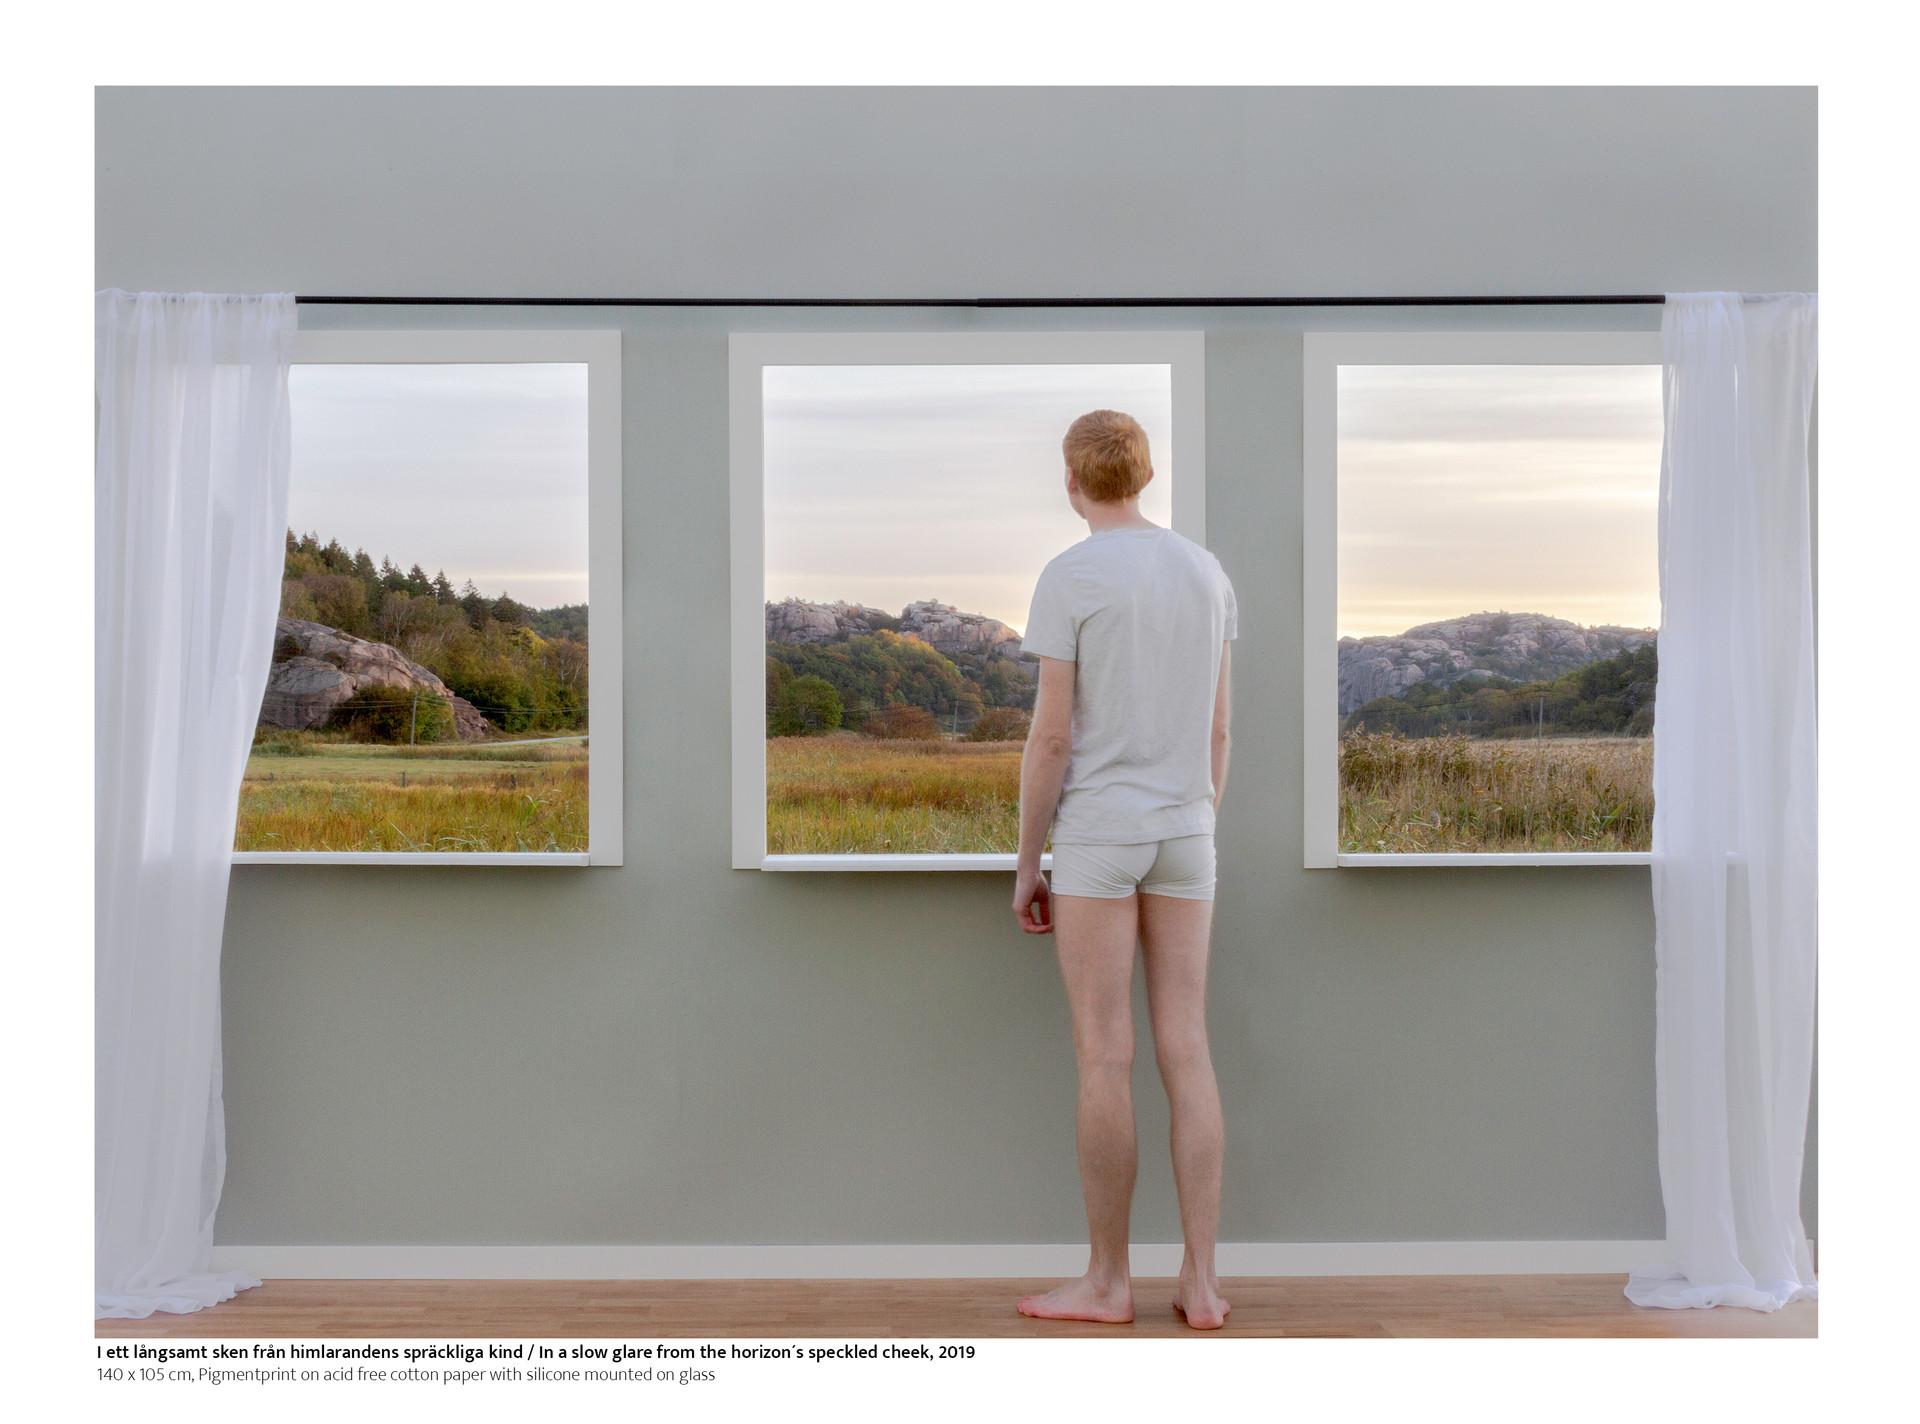 Med mina fotografiska scener strävar jag efter att öppna fönster och dörrar till skildringar som synliggör övergången mellan människan och naturen. Fokuset i mitt konstnärskap har senaste åren förgrenas i att vidga och synliggörs i gränslandet mellan hemmet, rum och omgivningen, där människan befinner sig.   I detta fotografiska arbete byggde jag upp en scen som kretsar om idéen med att befinna sig framför och omgiven naturen. I scenen använde jag naturen som en återspegling av det sköra och oklara när karaktären står inför sitt hem och försöker bejaka det som finns utanför. De tre fönstrena likt karaktären riktar sig mot horisonten och bort sig i under några försiktiga andetag morgonljusets spräckliga sken.  / With my photographic scenes, I strive to open windows and doors to depictions that make visible the transition between man and nature. The focus of my art has in recent years branched out into widening and making visible in the borderland between home, space and the environment, where man is.  In this photographic work, I built a scene that revolves around the idea of being in front of and surrounded by nature. In the scene, I used nature as a reflection of the fragile and obscure when the character is facing his home and trying to affirm what is outside. The three windows, like the character, face the horizon and disappear in the speckled glow of the morning light for a few gentle breaths.